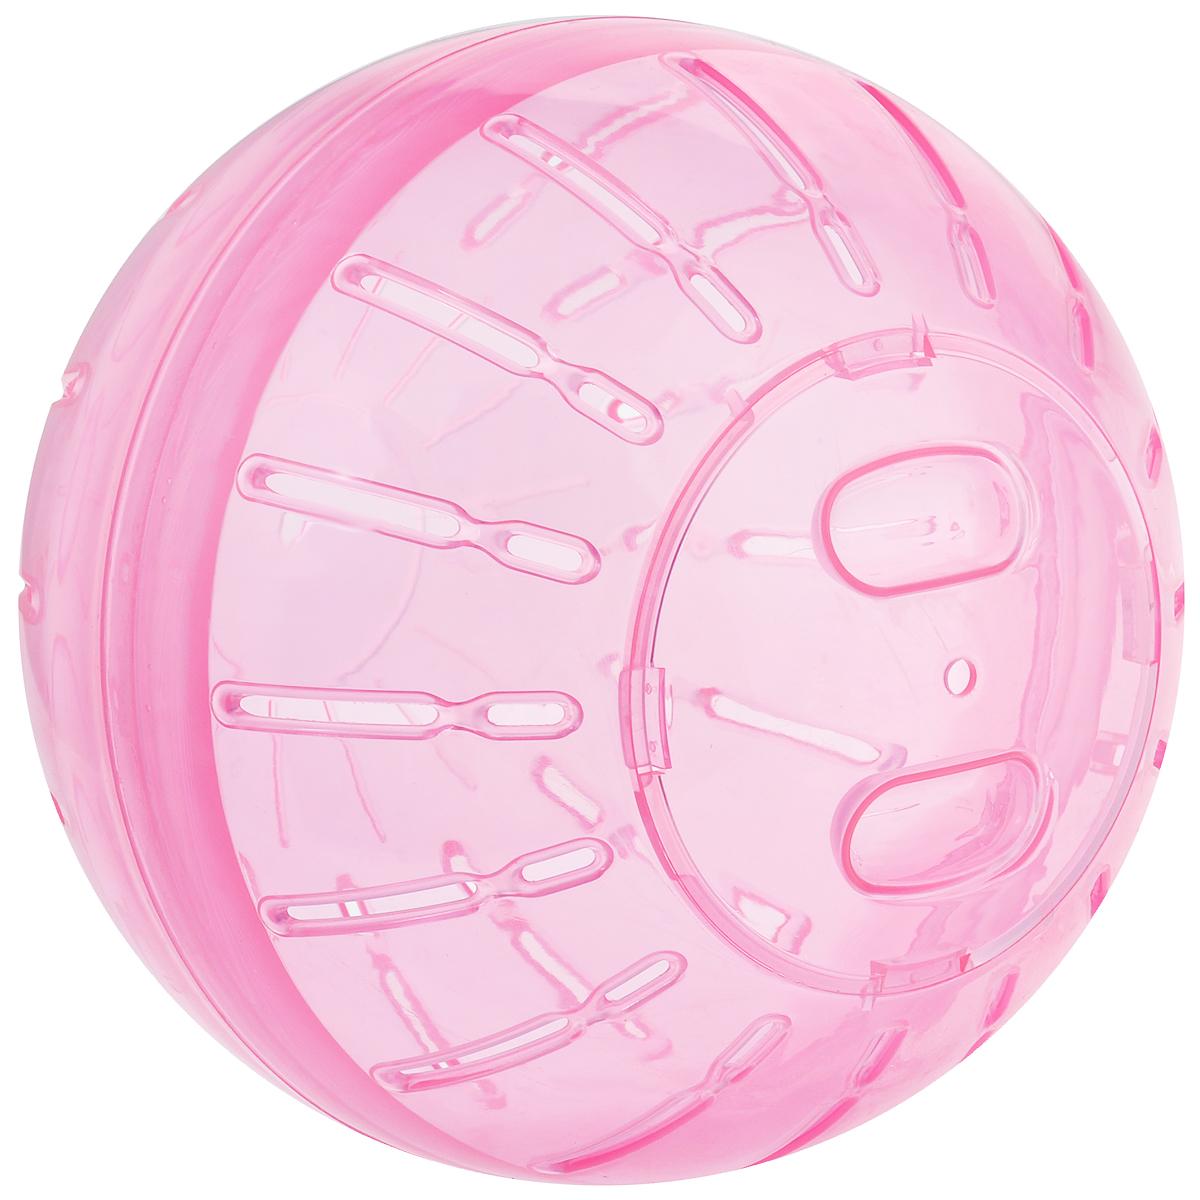 Игрушка для грызунов Triol Шар прогулочный, цвет: розовый, диаметр 19 смКл-5212Шар прогулочный Triol - это игрушка для грызунов, изготовленная из нетоксичного высококачественного пластика. Шар легко моется. Устойчивая конструкция с защелкивающимися дверцами обеспечит безопасность и предохранит вашего питомца от побега. Большие вентиляционные отверстия обеспечивают хорошую циркуляцию воздуха, а специально разработанные выступы для лап - удобство при передвижении. Прогулка в таком шаре обеспечит грызуну нагрузку, а значит, поможет поддержать хорошую физическую форму. Чтобы правильно подобрать шар, следует измерить длину животного: диаметр шара должен быть чуть больше, чем длина вашего питомца. Диаметр шара: 19 см.